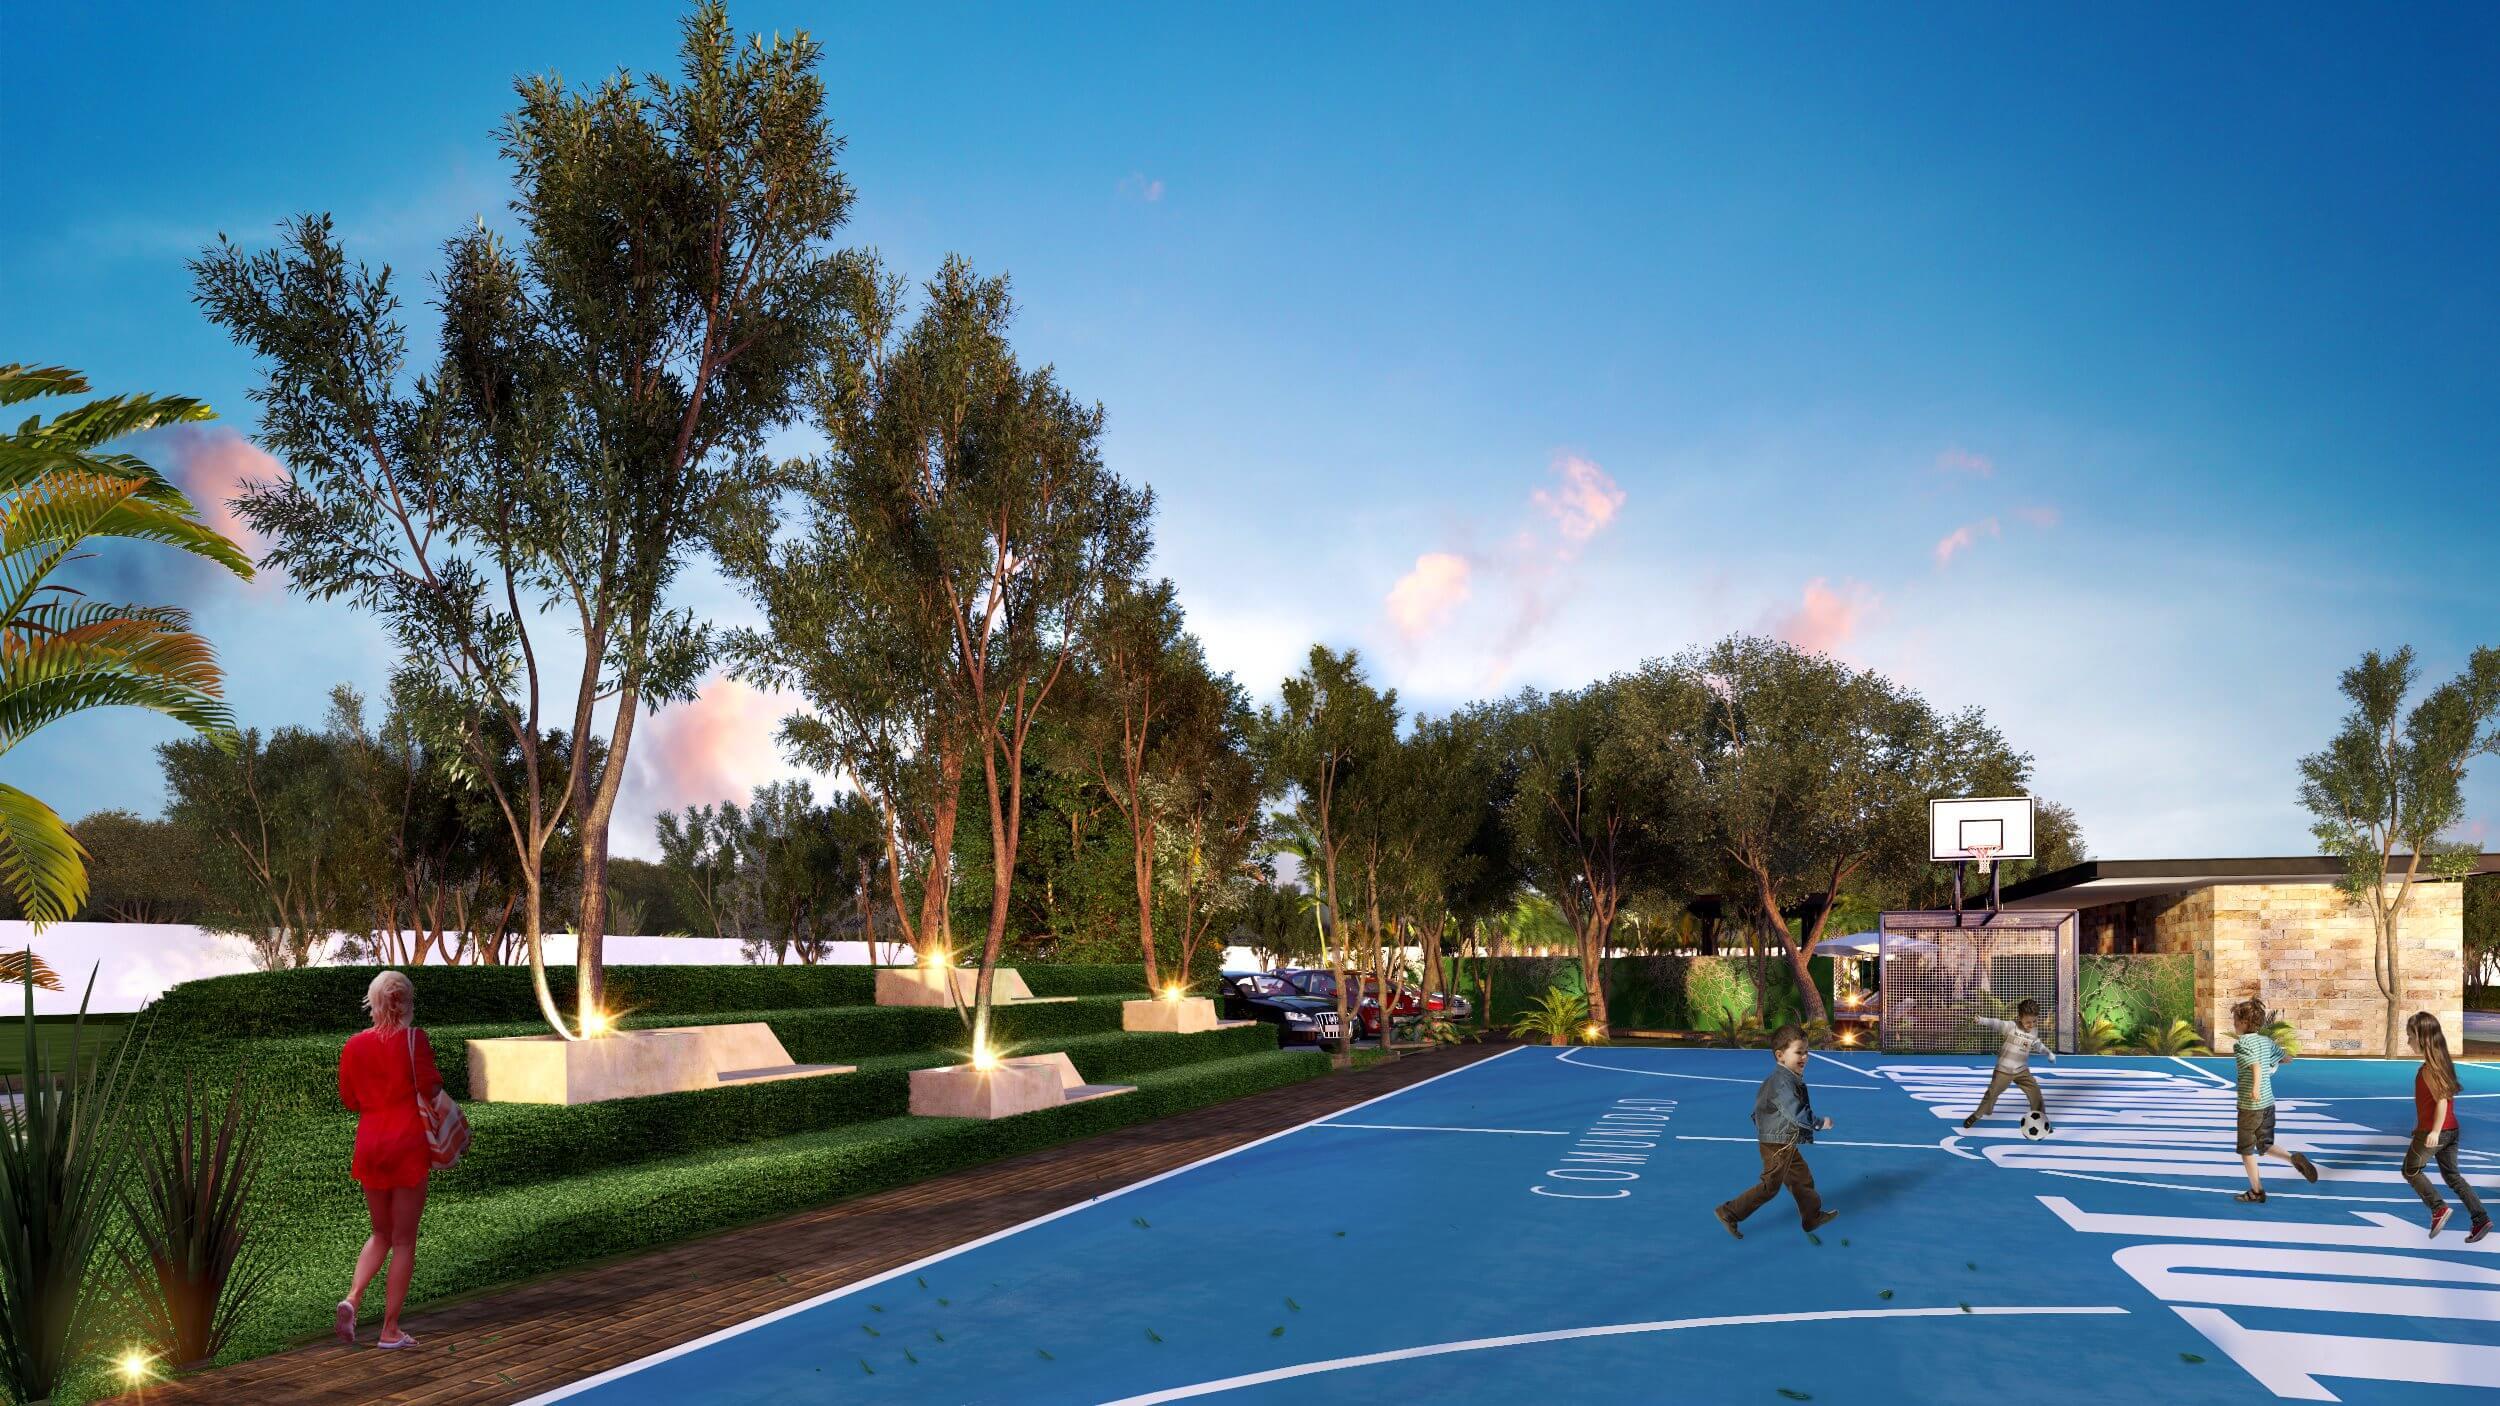 Terrenos Residenciales Venta Mérida Entre Parques Goodlers